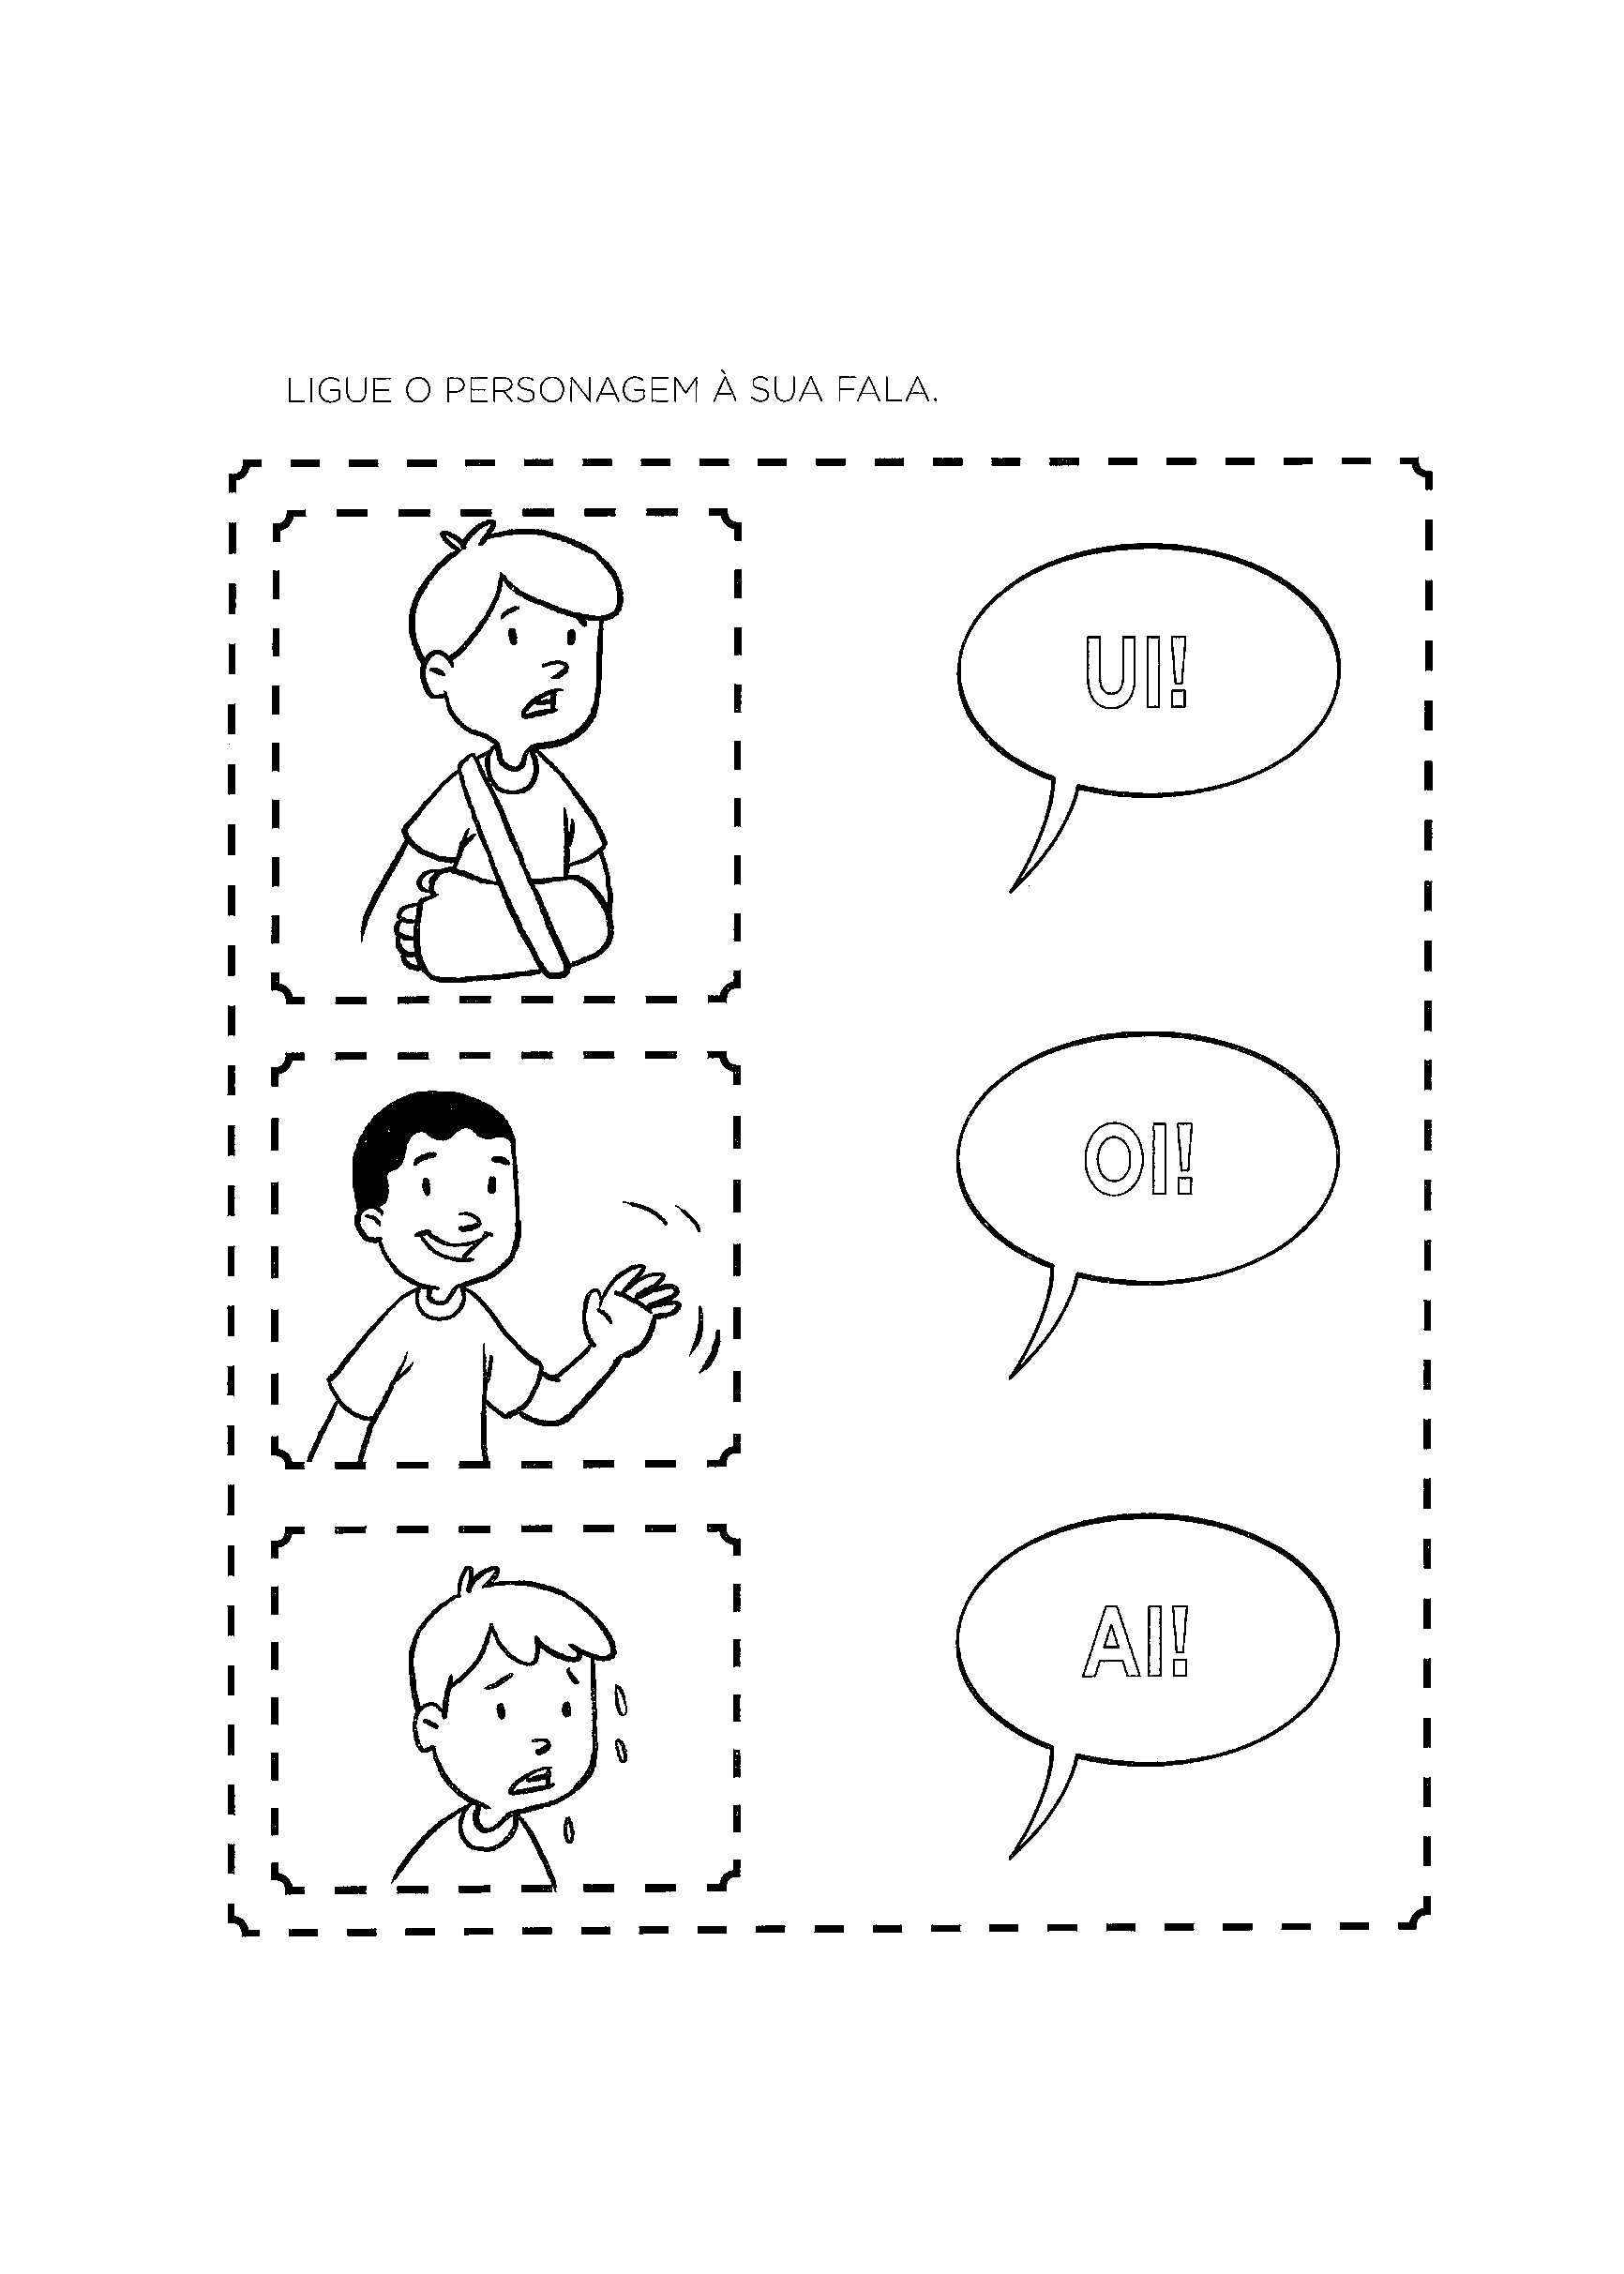 alfabetizacao_encontros_vocalicos_ligar_fala